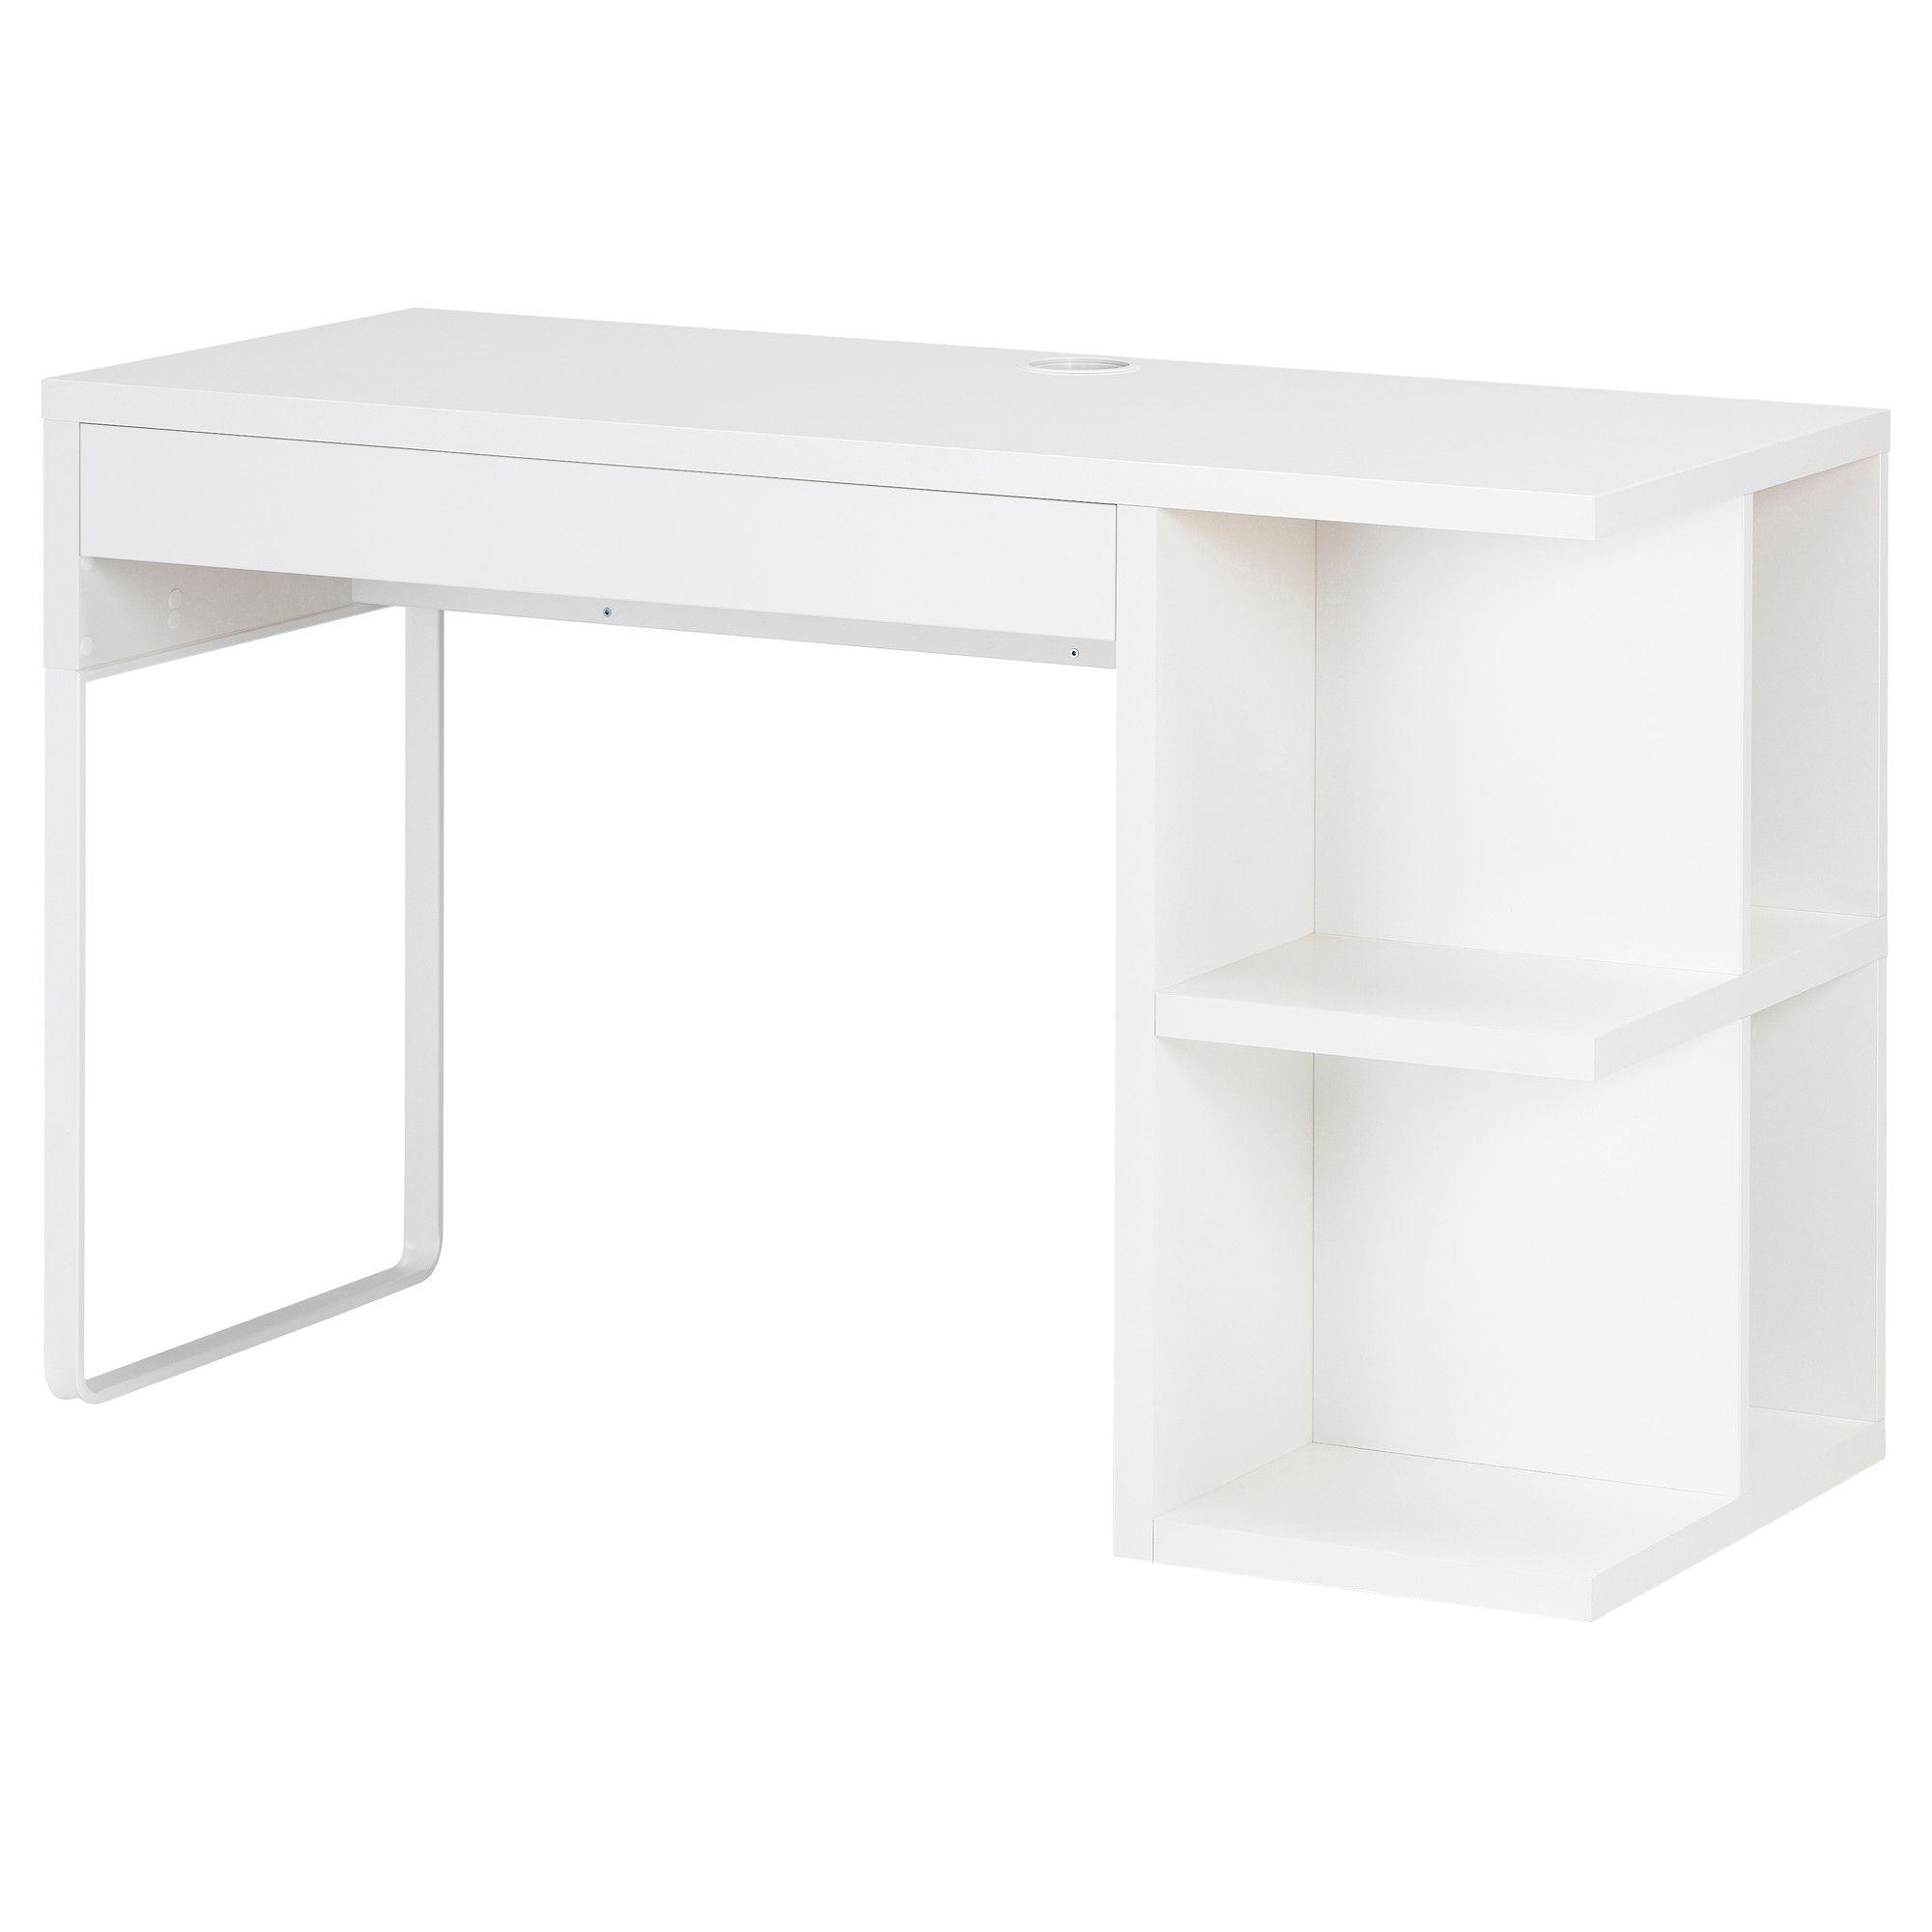 Schreibtisch weiß mit schubladen ikea  MICKE Schreibtisch mit Aufbewahrung - weiß - IKEA | Must Have ...